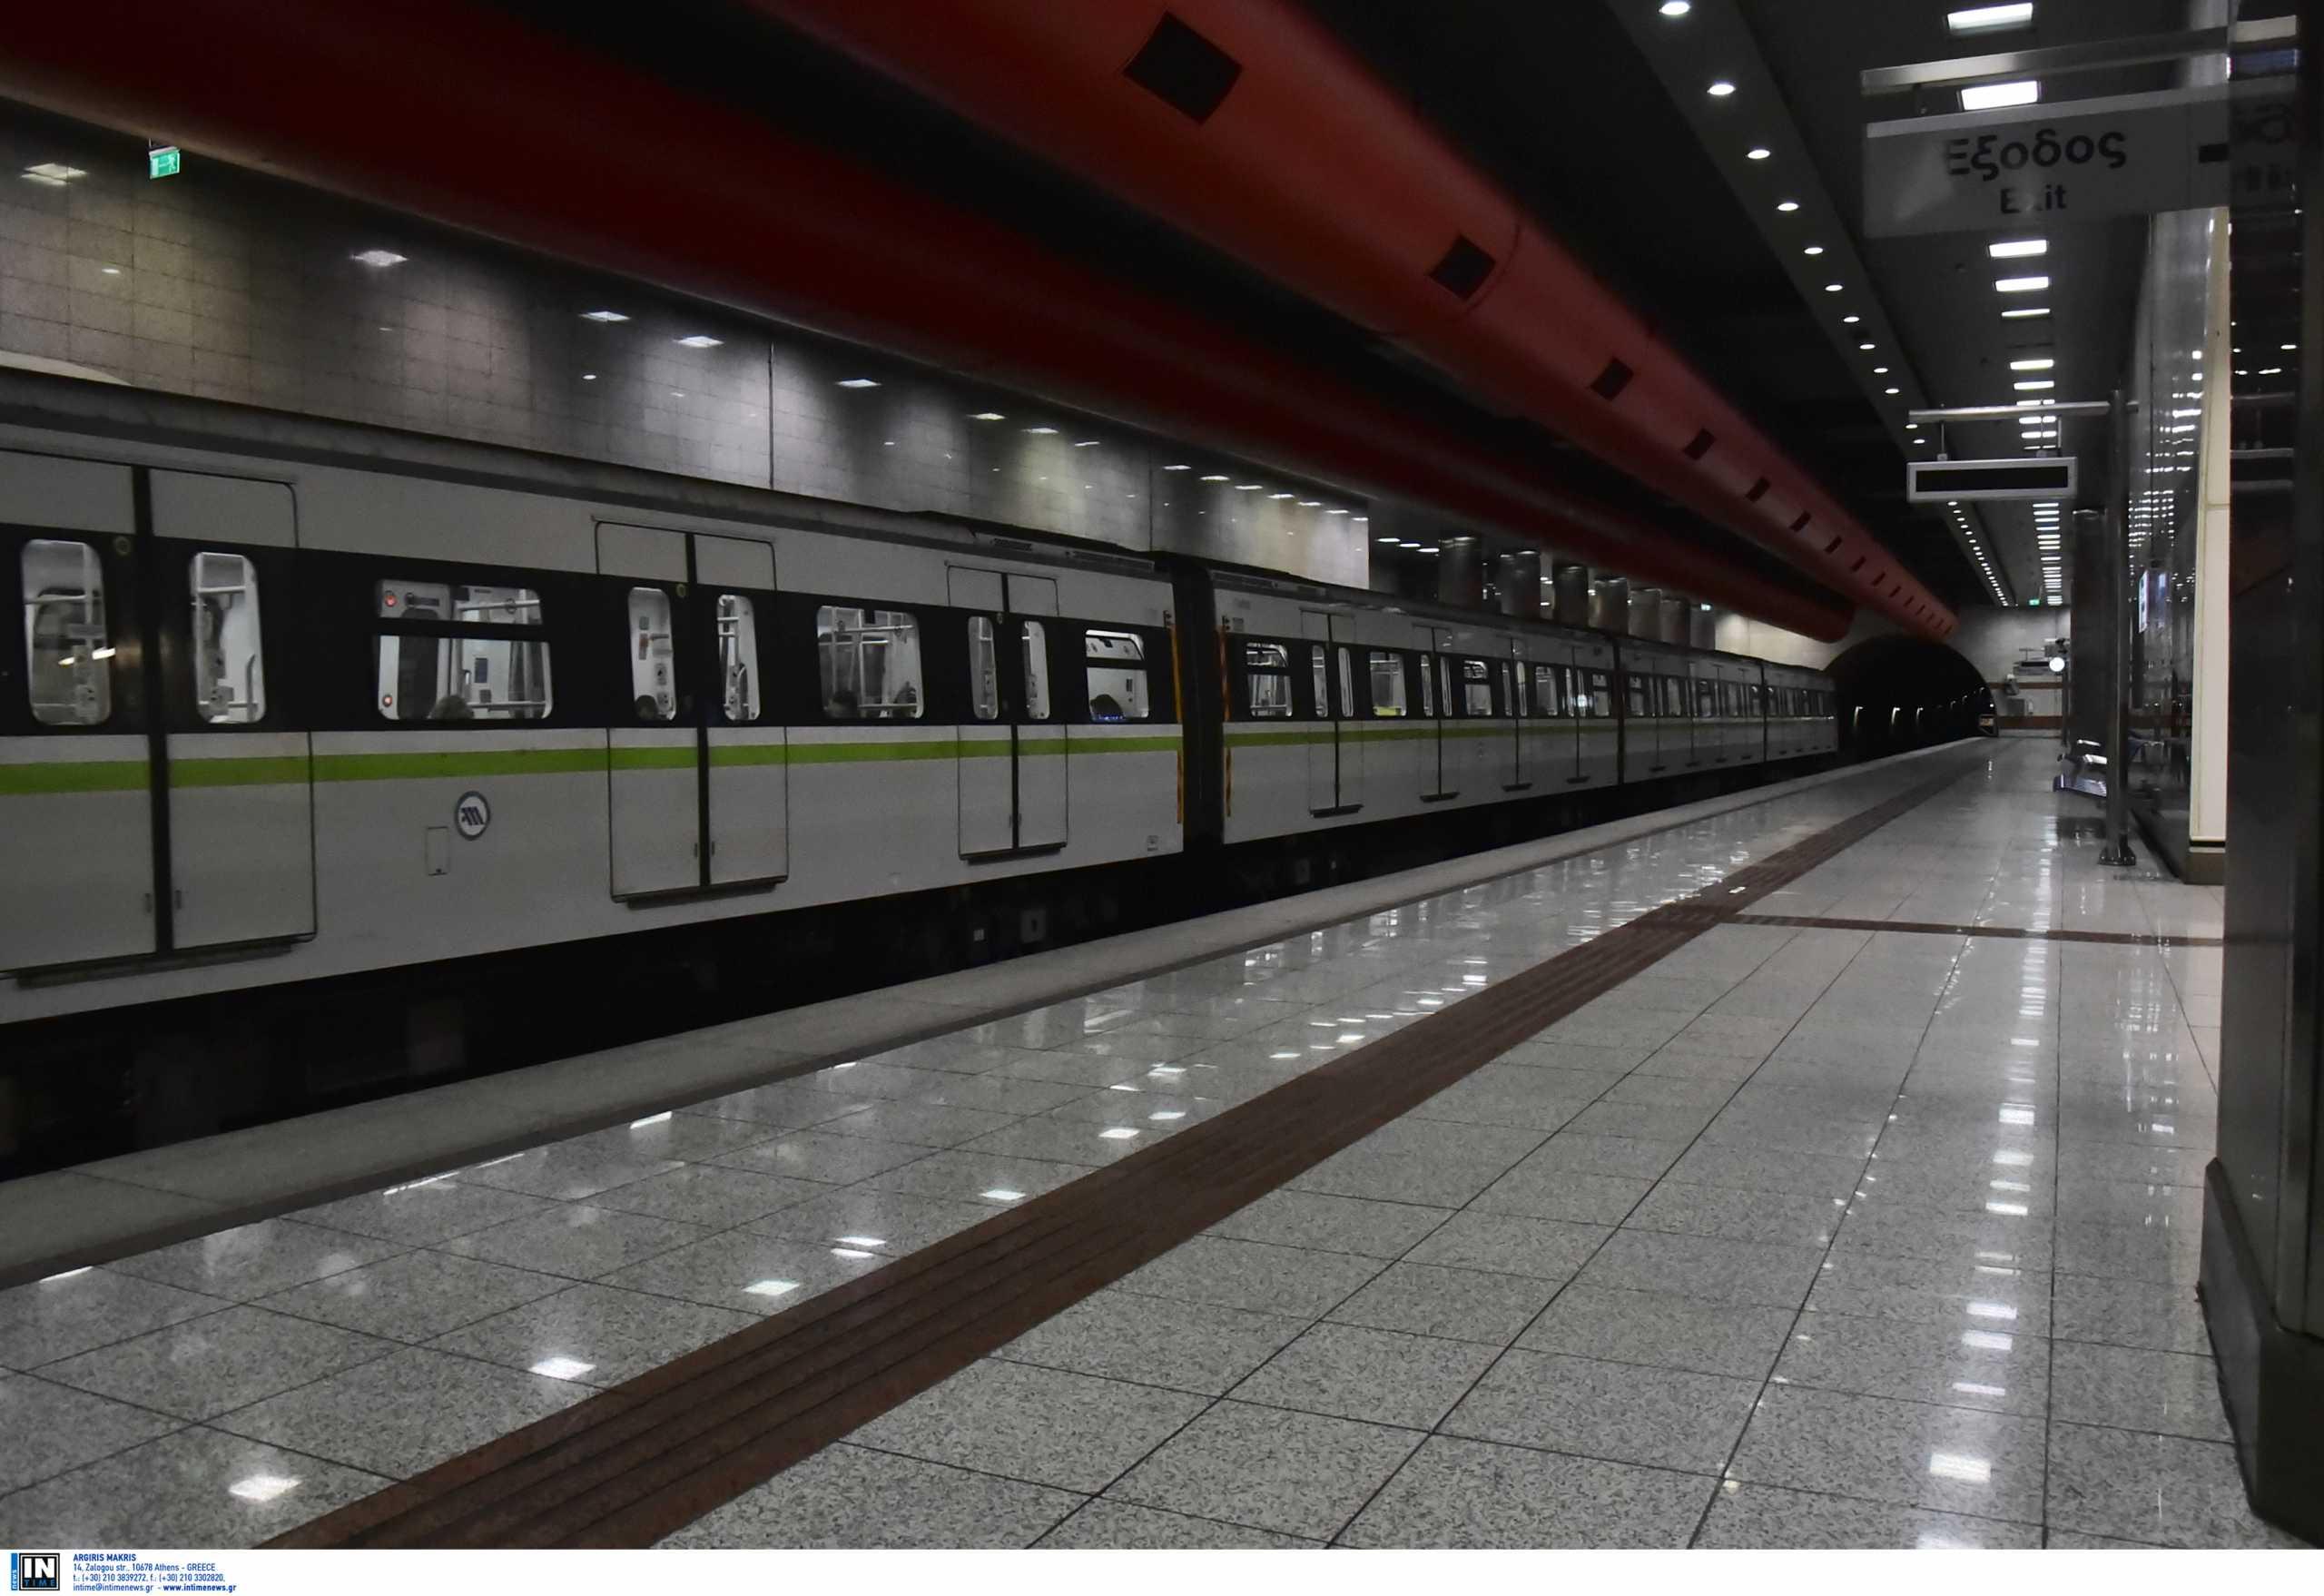 Μετρό: Οι κάμερες κατέγραψαν τους δράστες του άγριου ξυλοδαρμού του σταθμάρχη